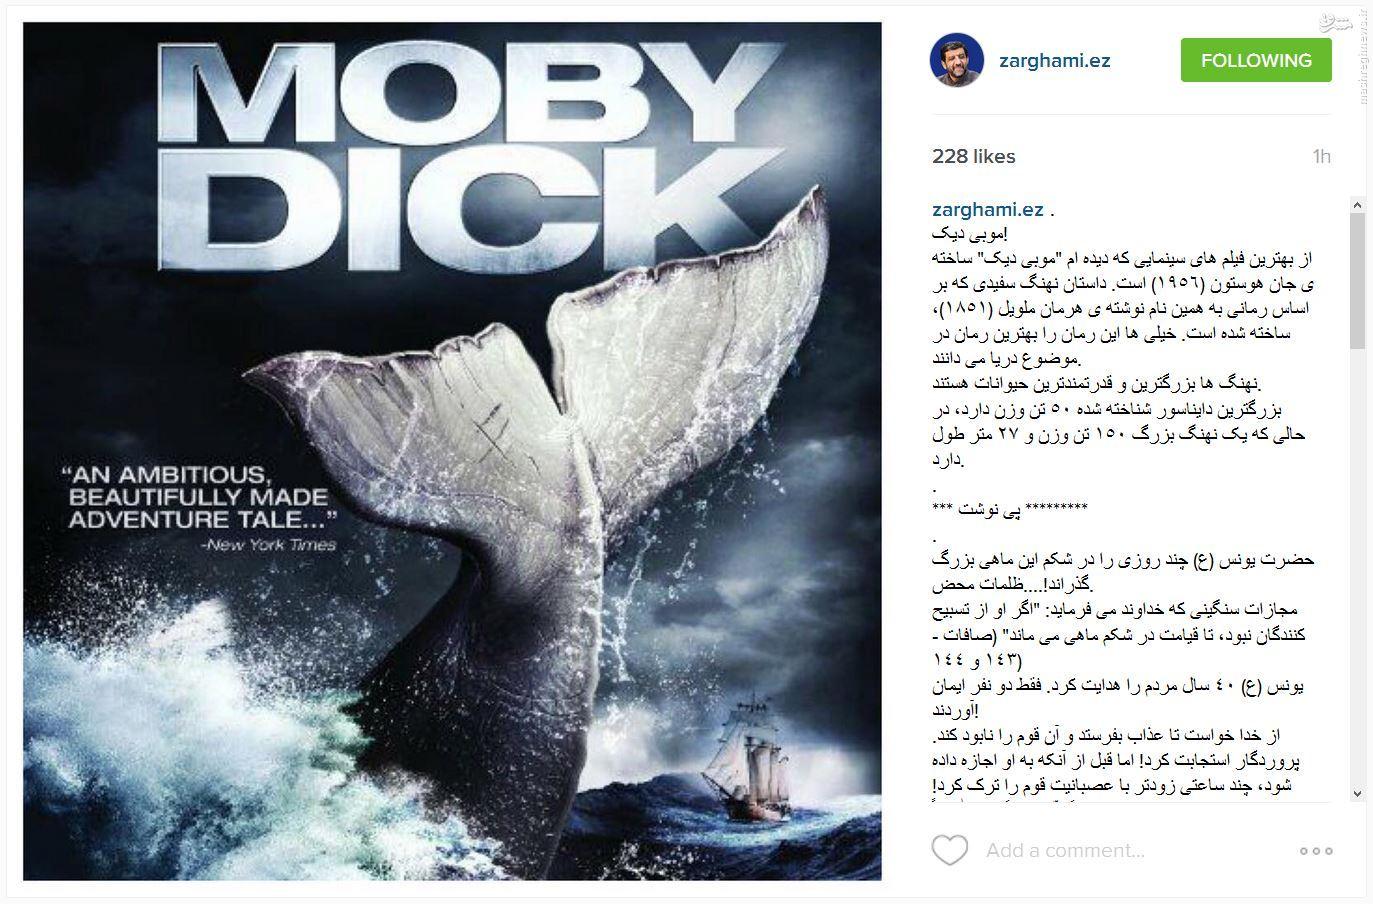 پست اینستاگرام ضرغامی درمورد حضرت یونس و فیلم موبیدیک